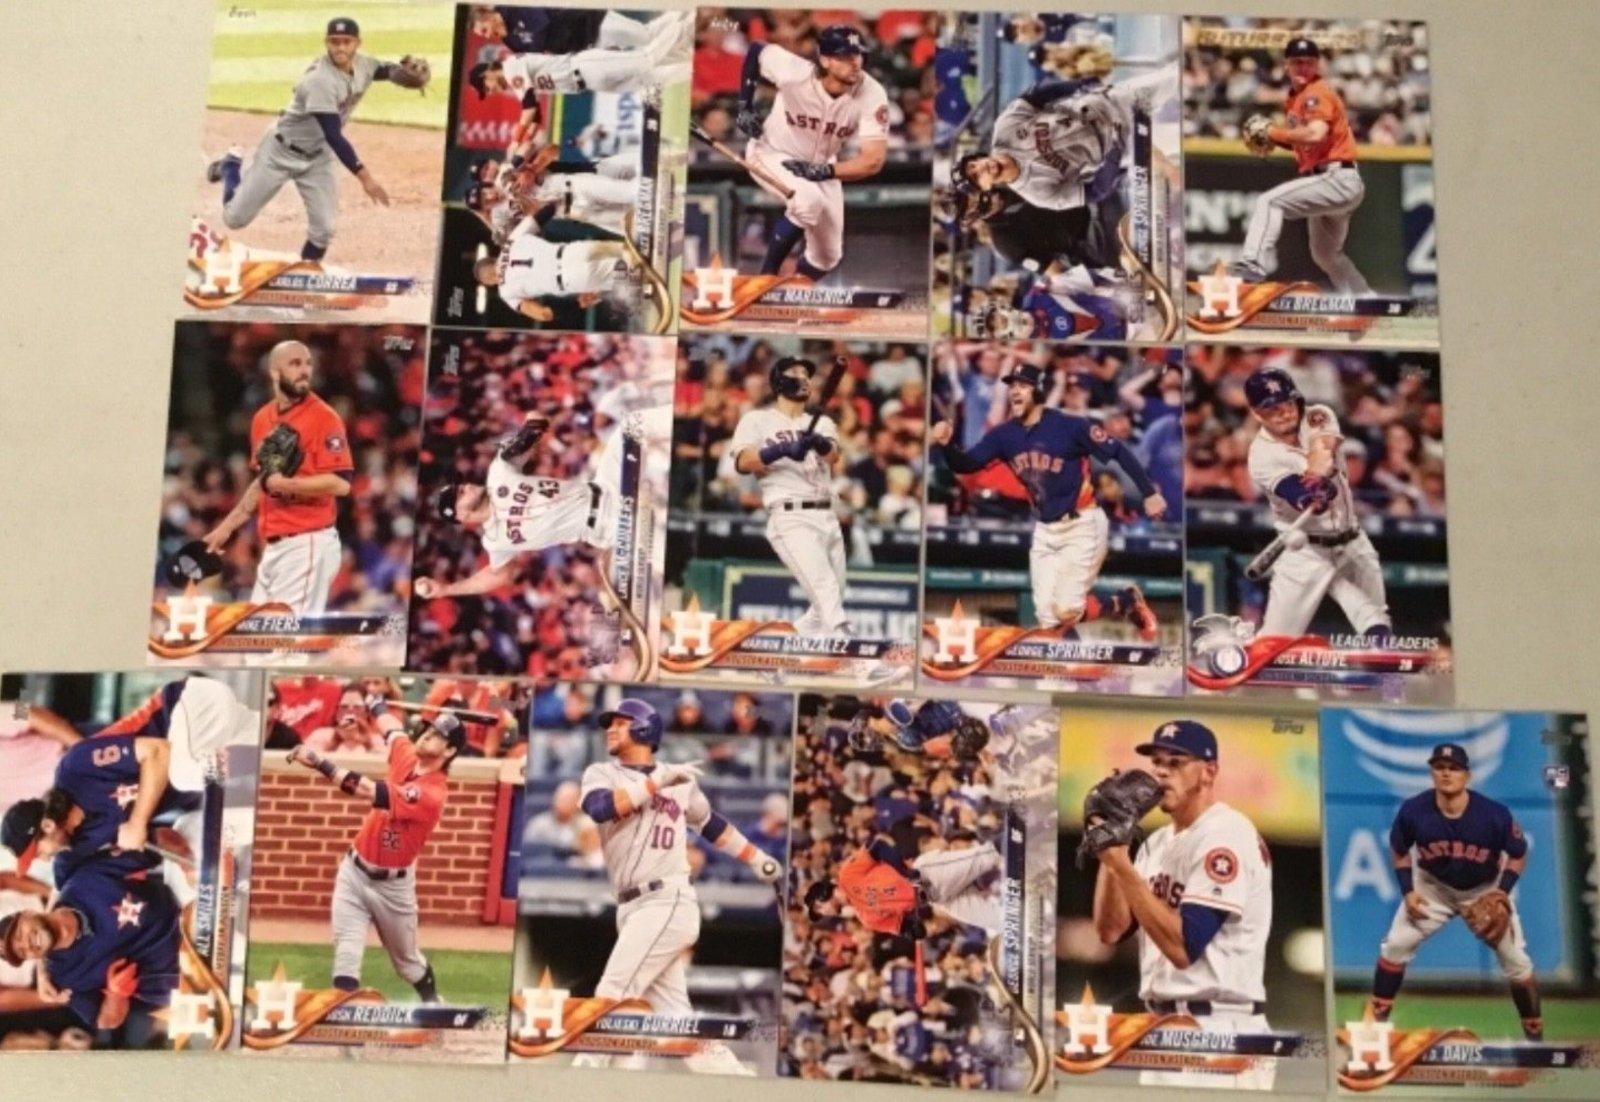 2018 Topps Houston Astros Team Set of 16 Baseball Cards (Series 1)